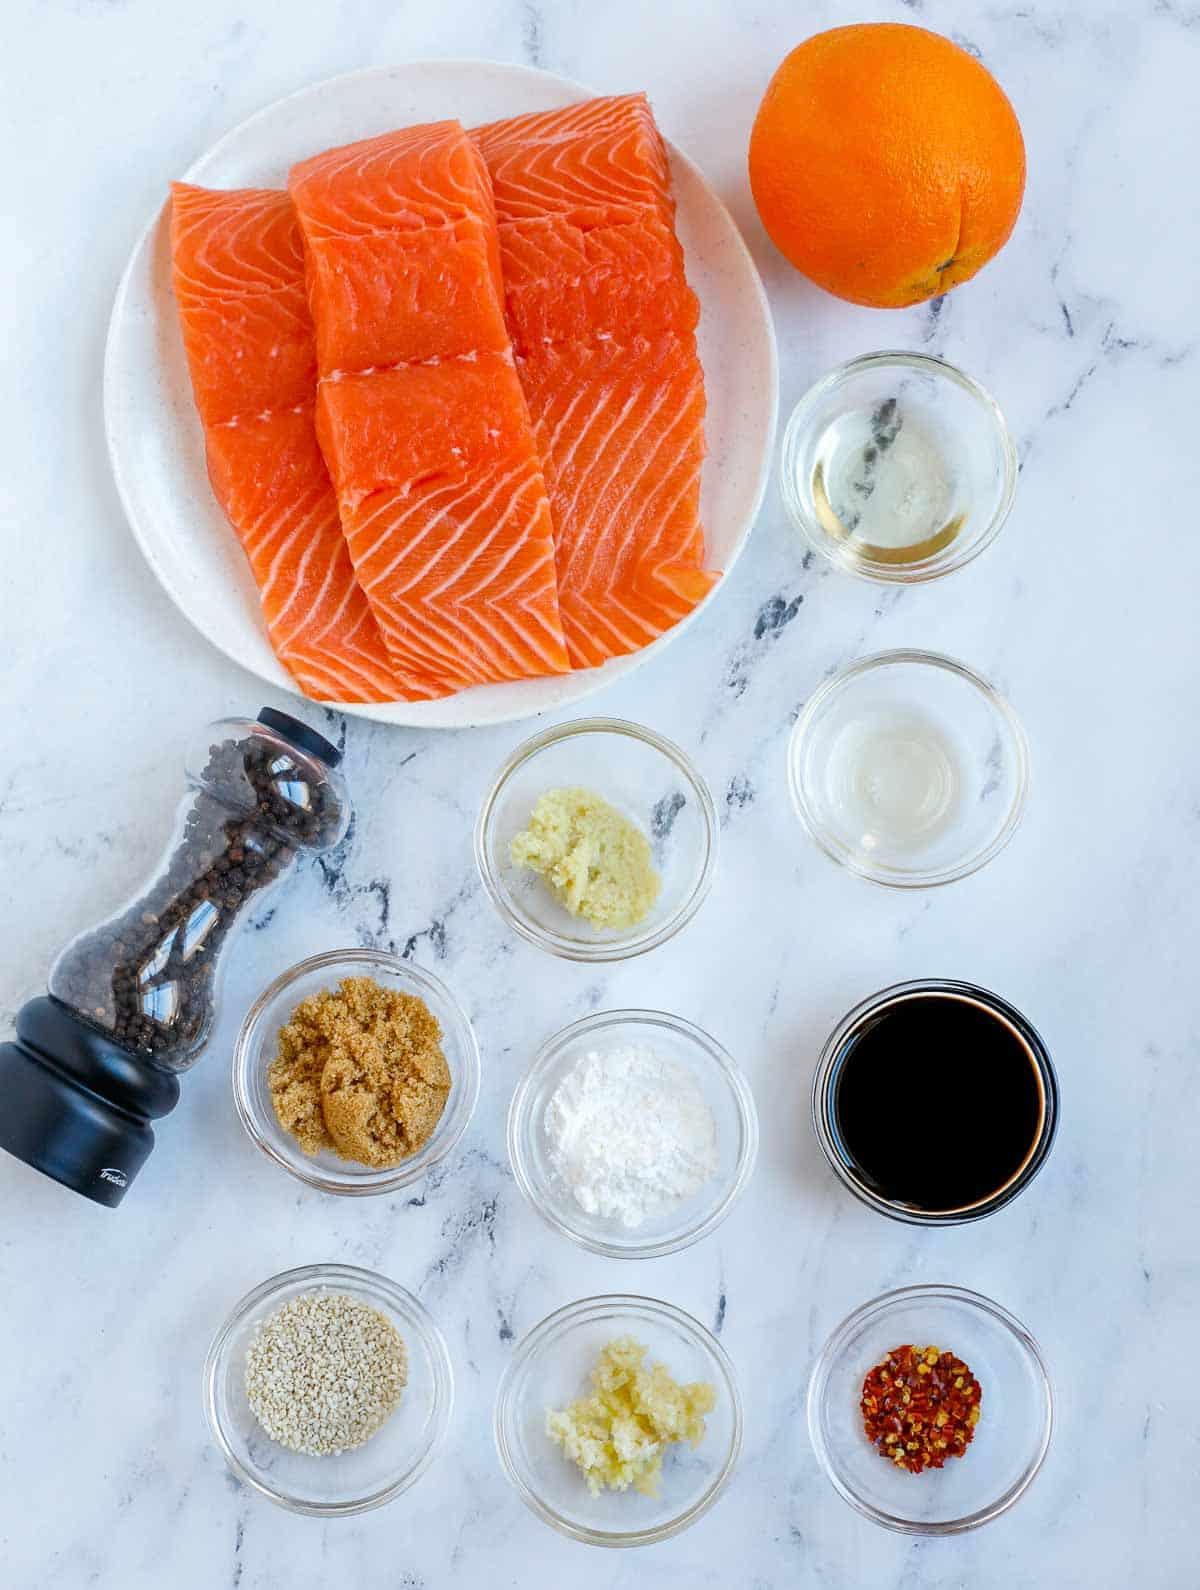 Ingredients needed to make baked teriyaki salmon.